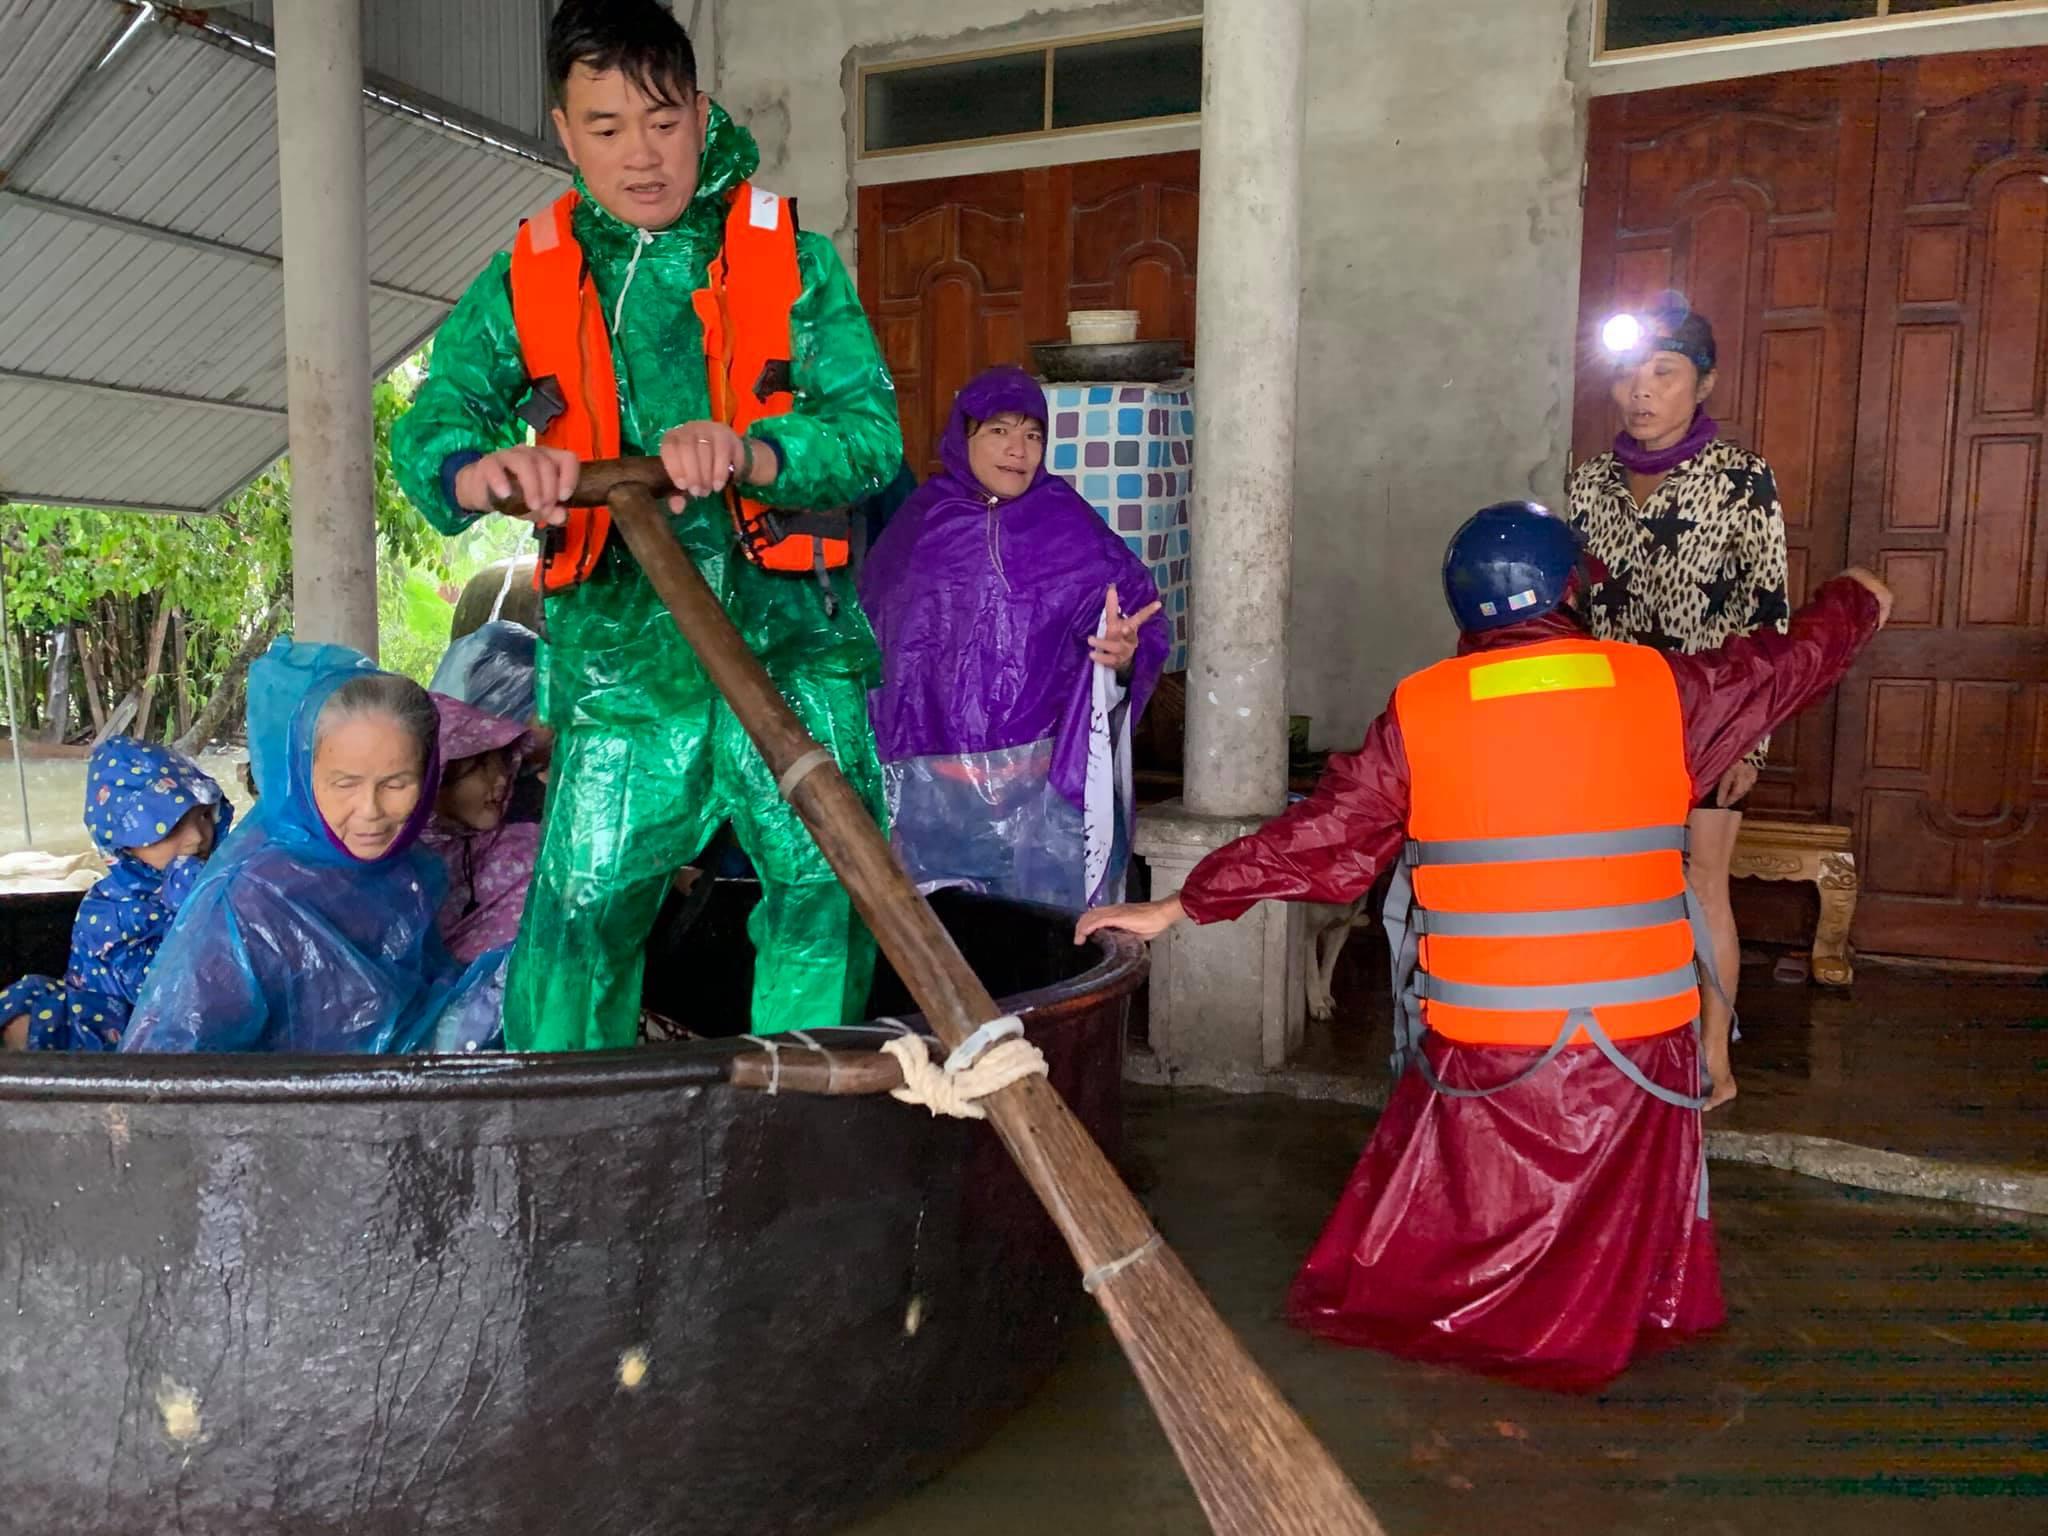 Hà Tĩnh ngập sâu, nước lũ đang lên nhanh, công an đến mọi ngóc ngách nhà dân sơ tán người - Ảnh 4.